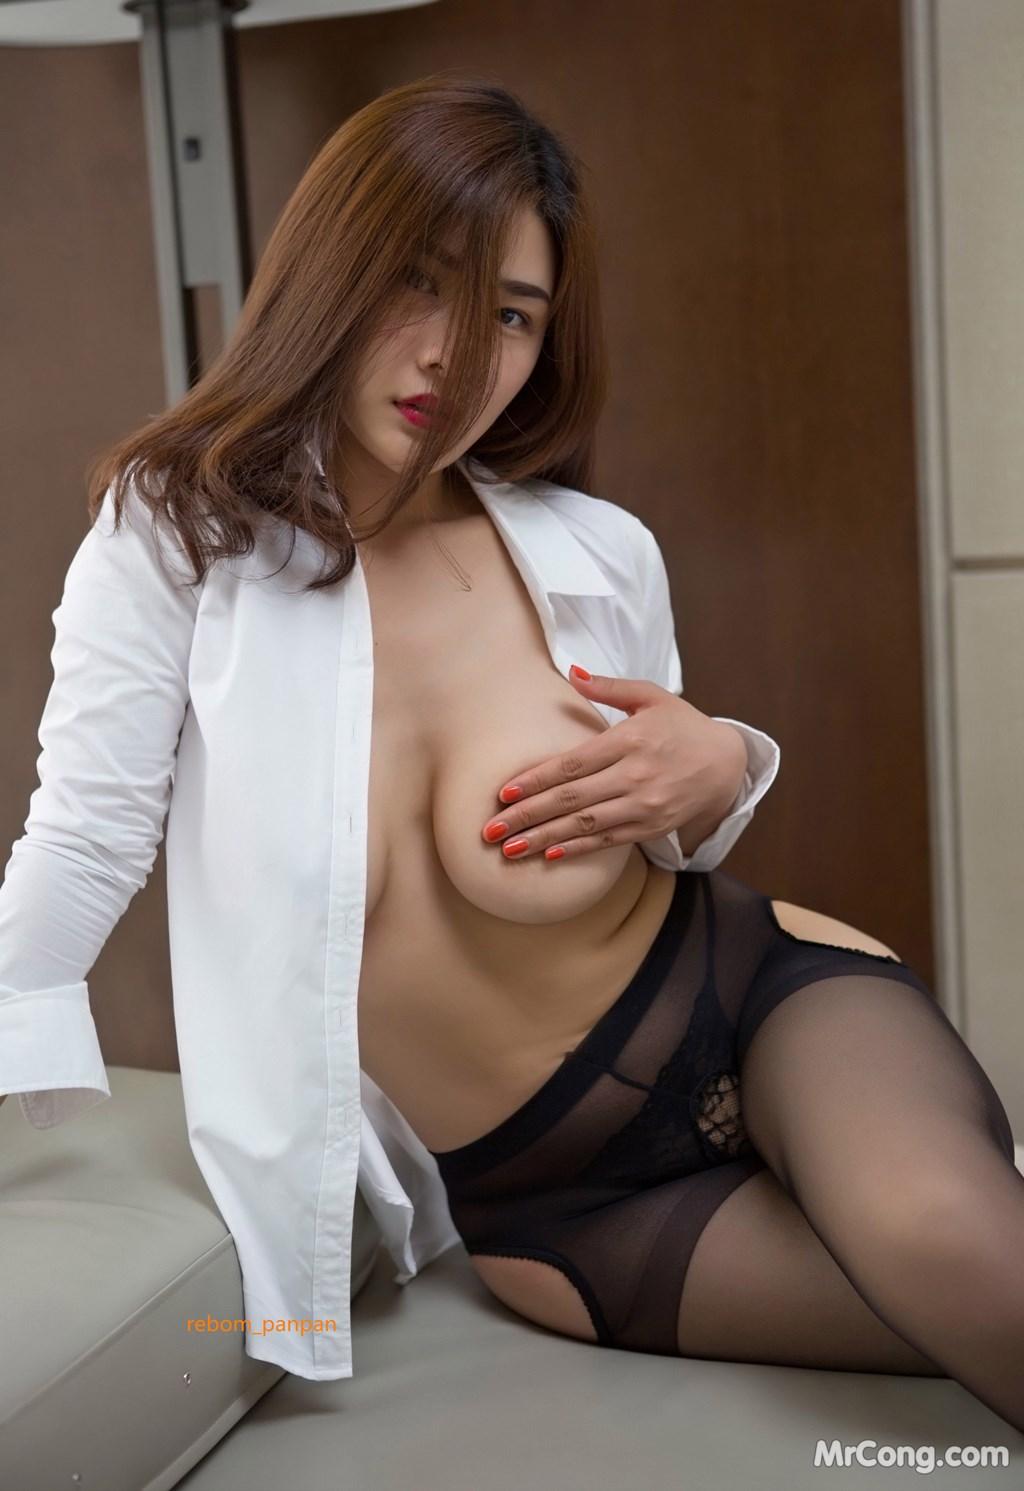 Image Yan-Pan-Pan-Part-4-MrCong.com-032 in post Người đẹp Yan Pan Pan (闫盼盼) hờ hững khoe vòng một trên giường ngủ (40 ảnh)